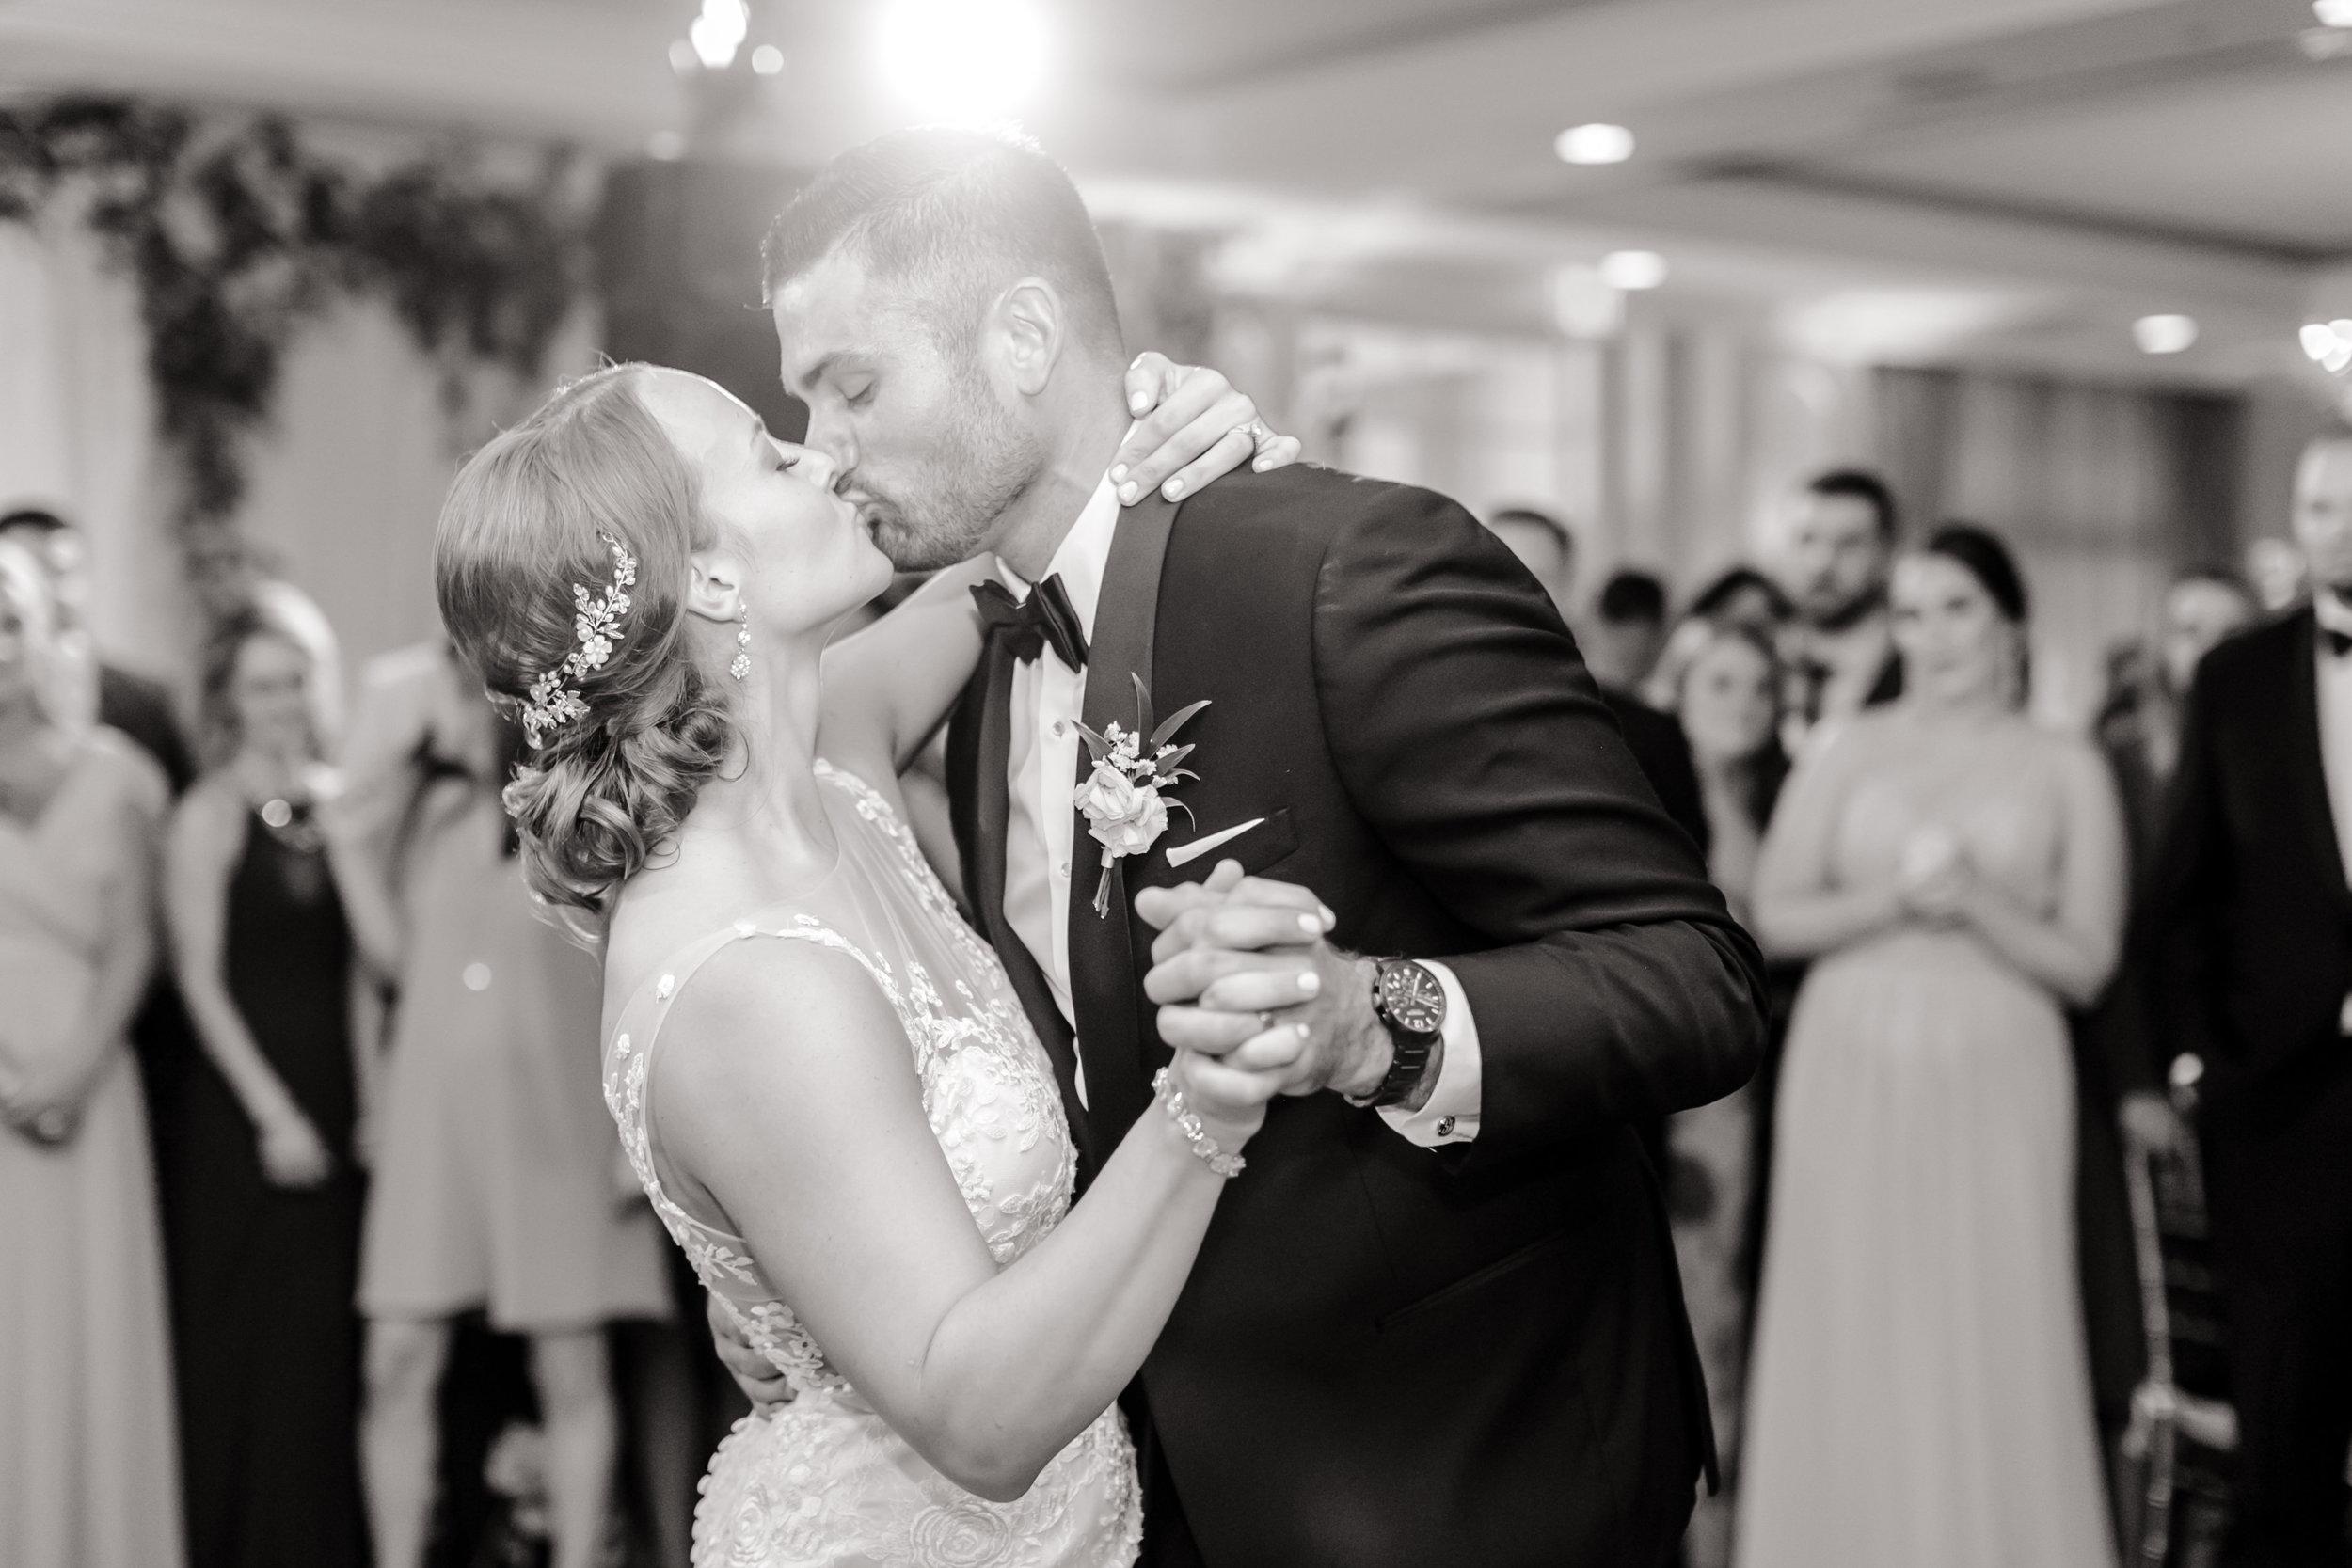 Love&LightPhotographs_Jennifer&Mark_Wedding_Preview-31.jpg